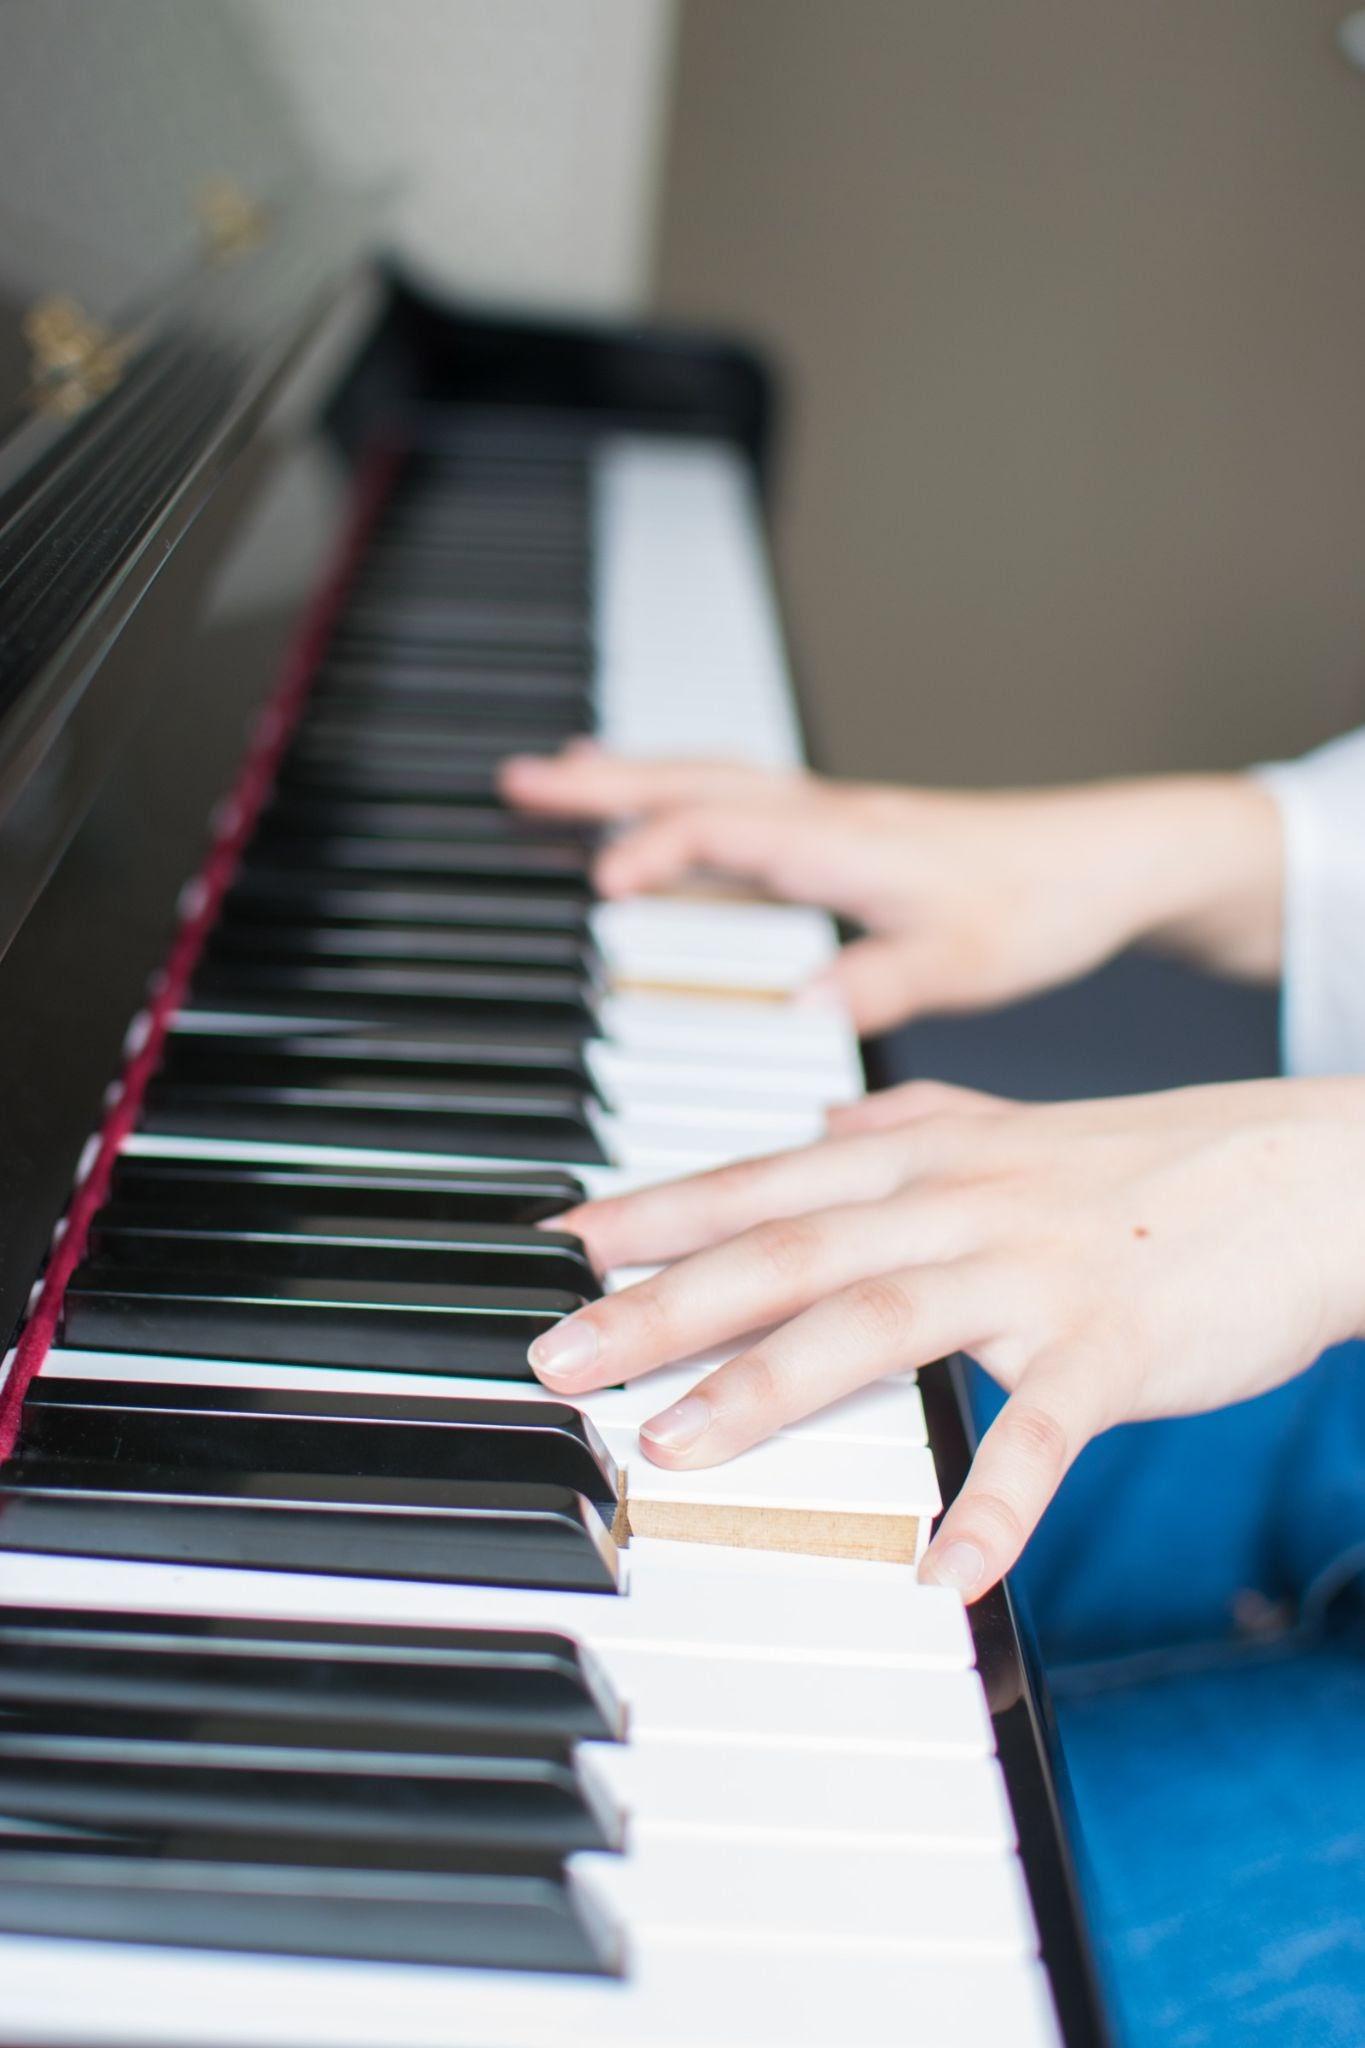 YouTubeピアノ演奏で収益を得る方法 稼ぐのは難しいのか?